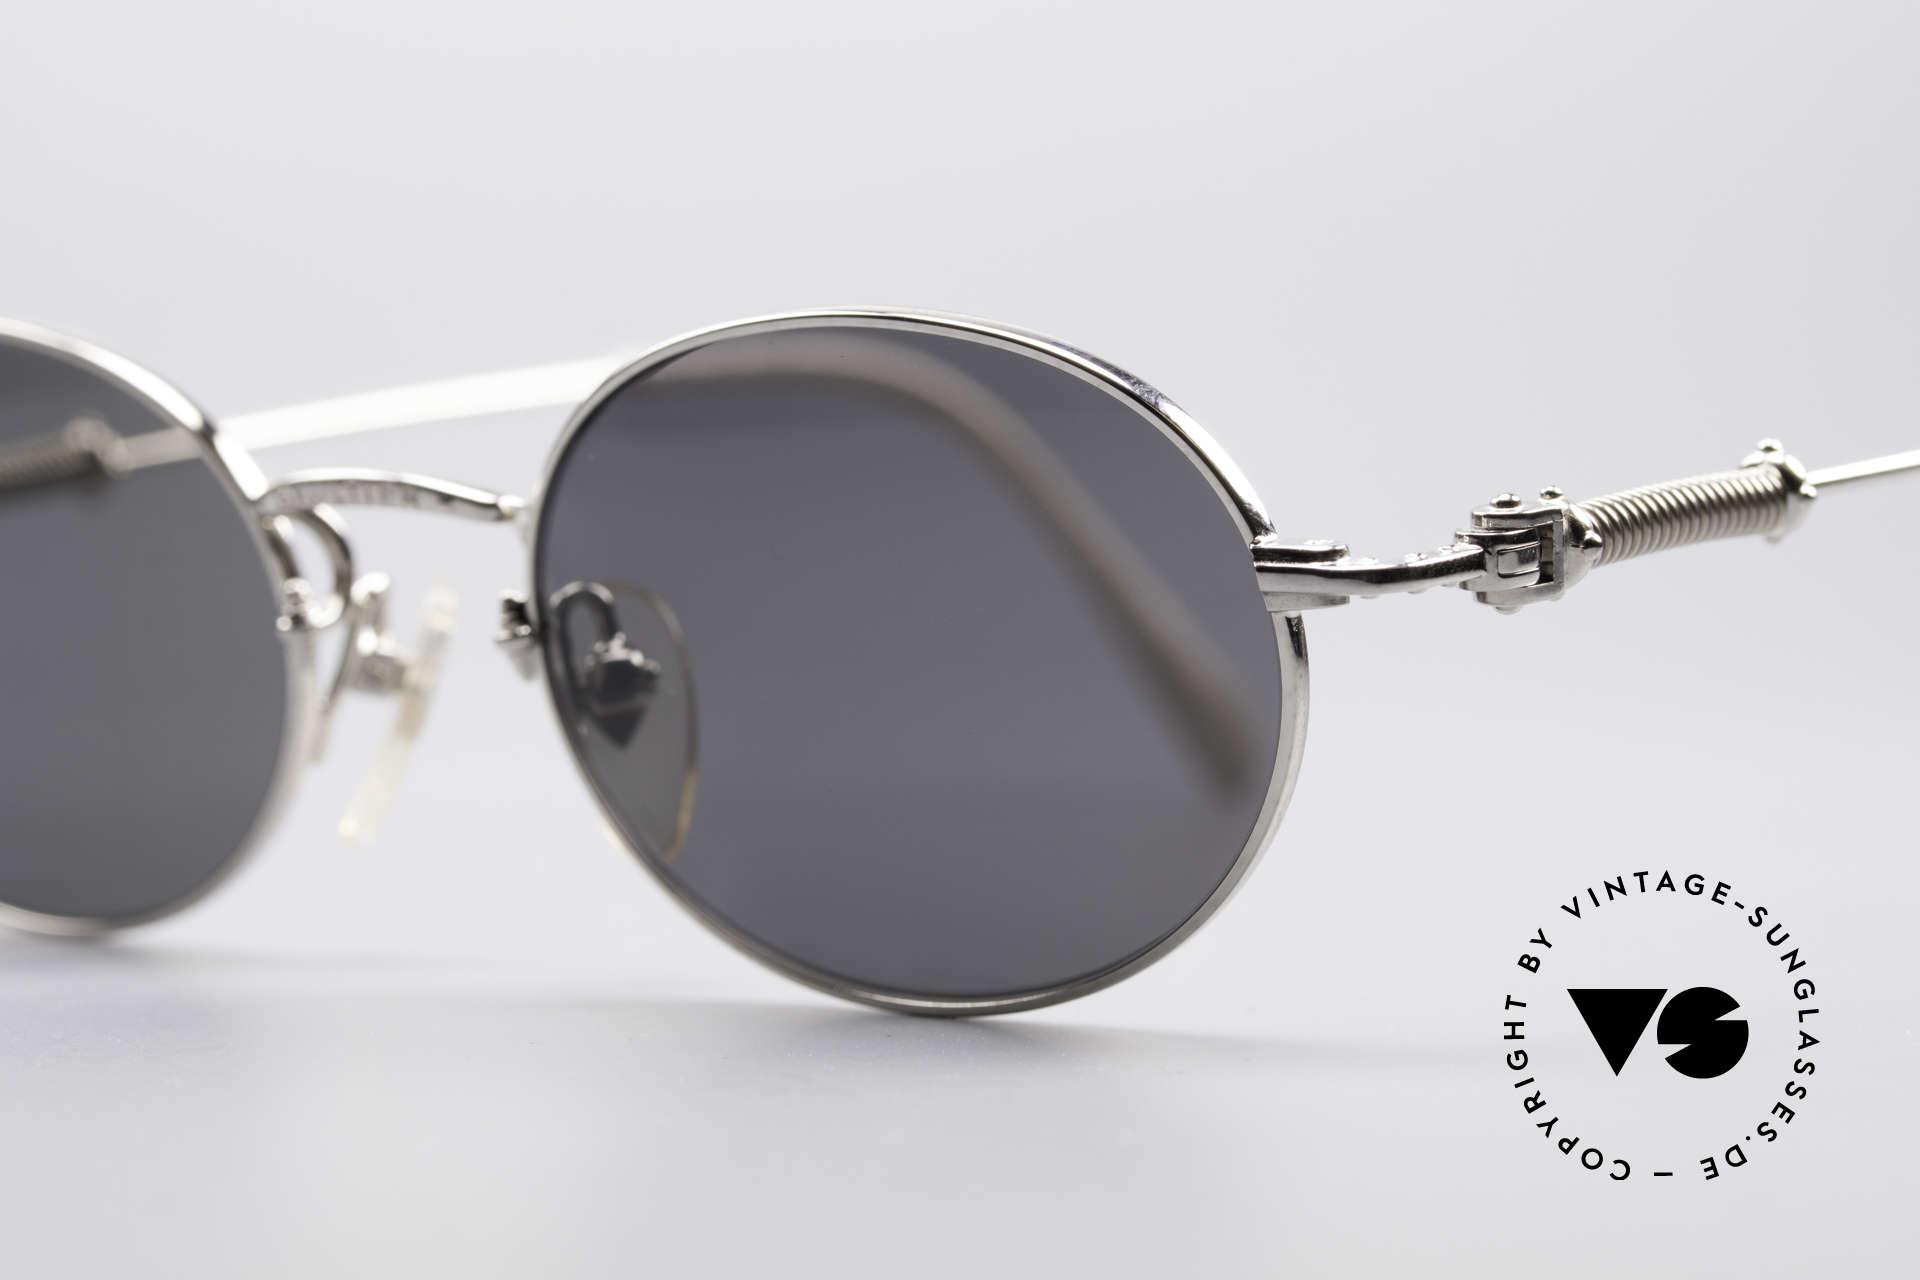 Jean Paul Gaultier 55-6101 Ovale Brille Polarisierend, herausragende Spitzen-Qualität (typisch Gaultier), Passend für Herren und Damen